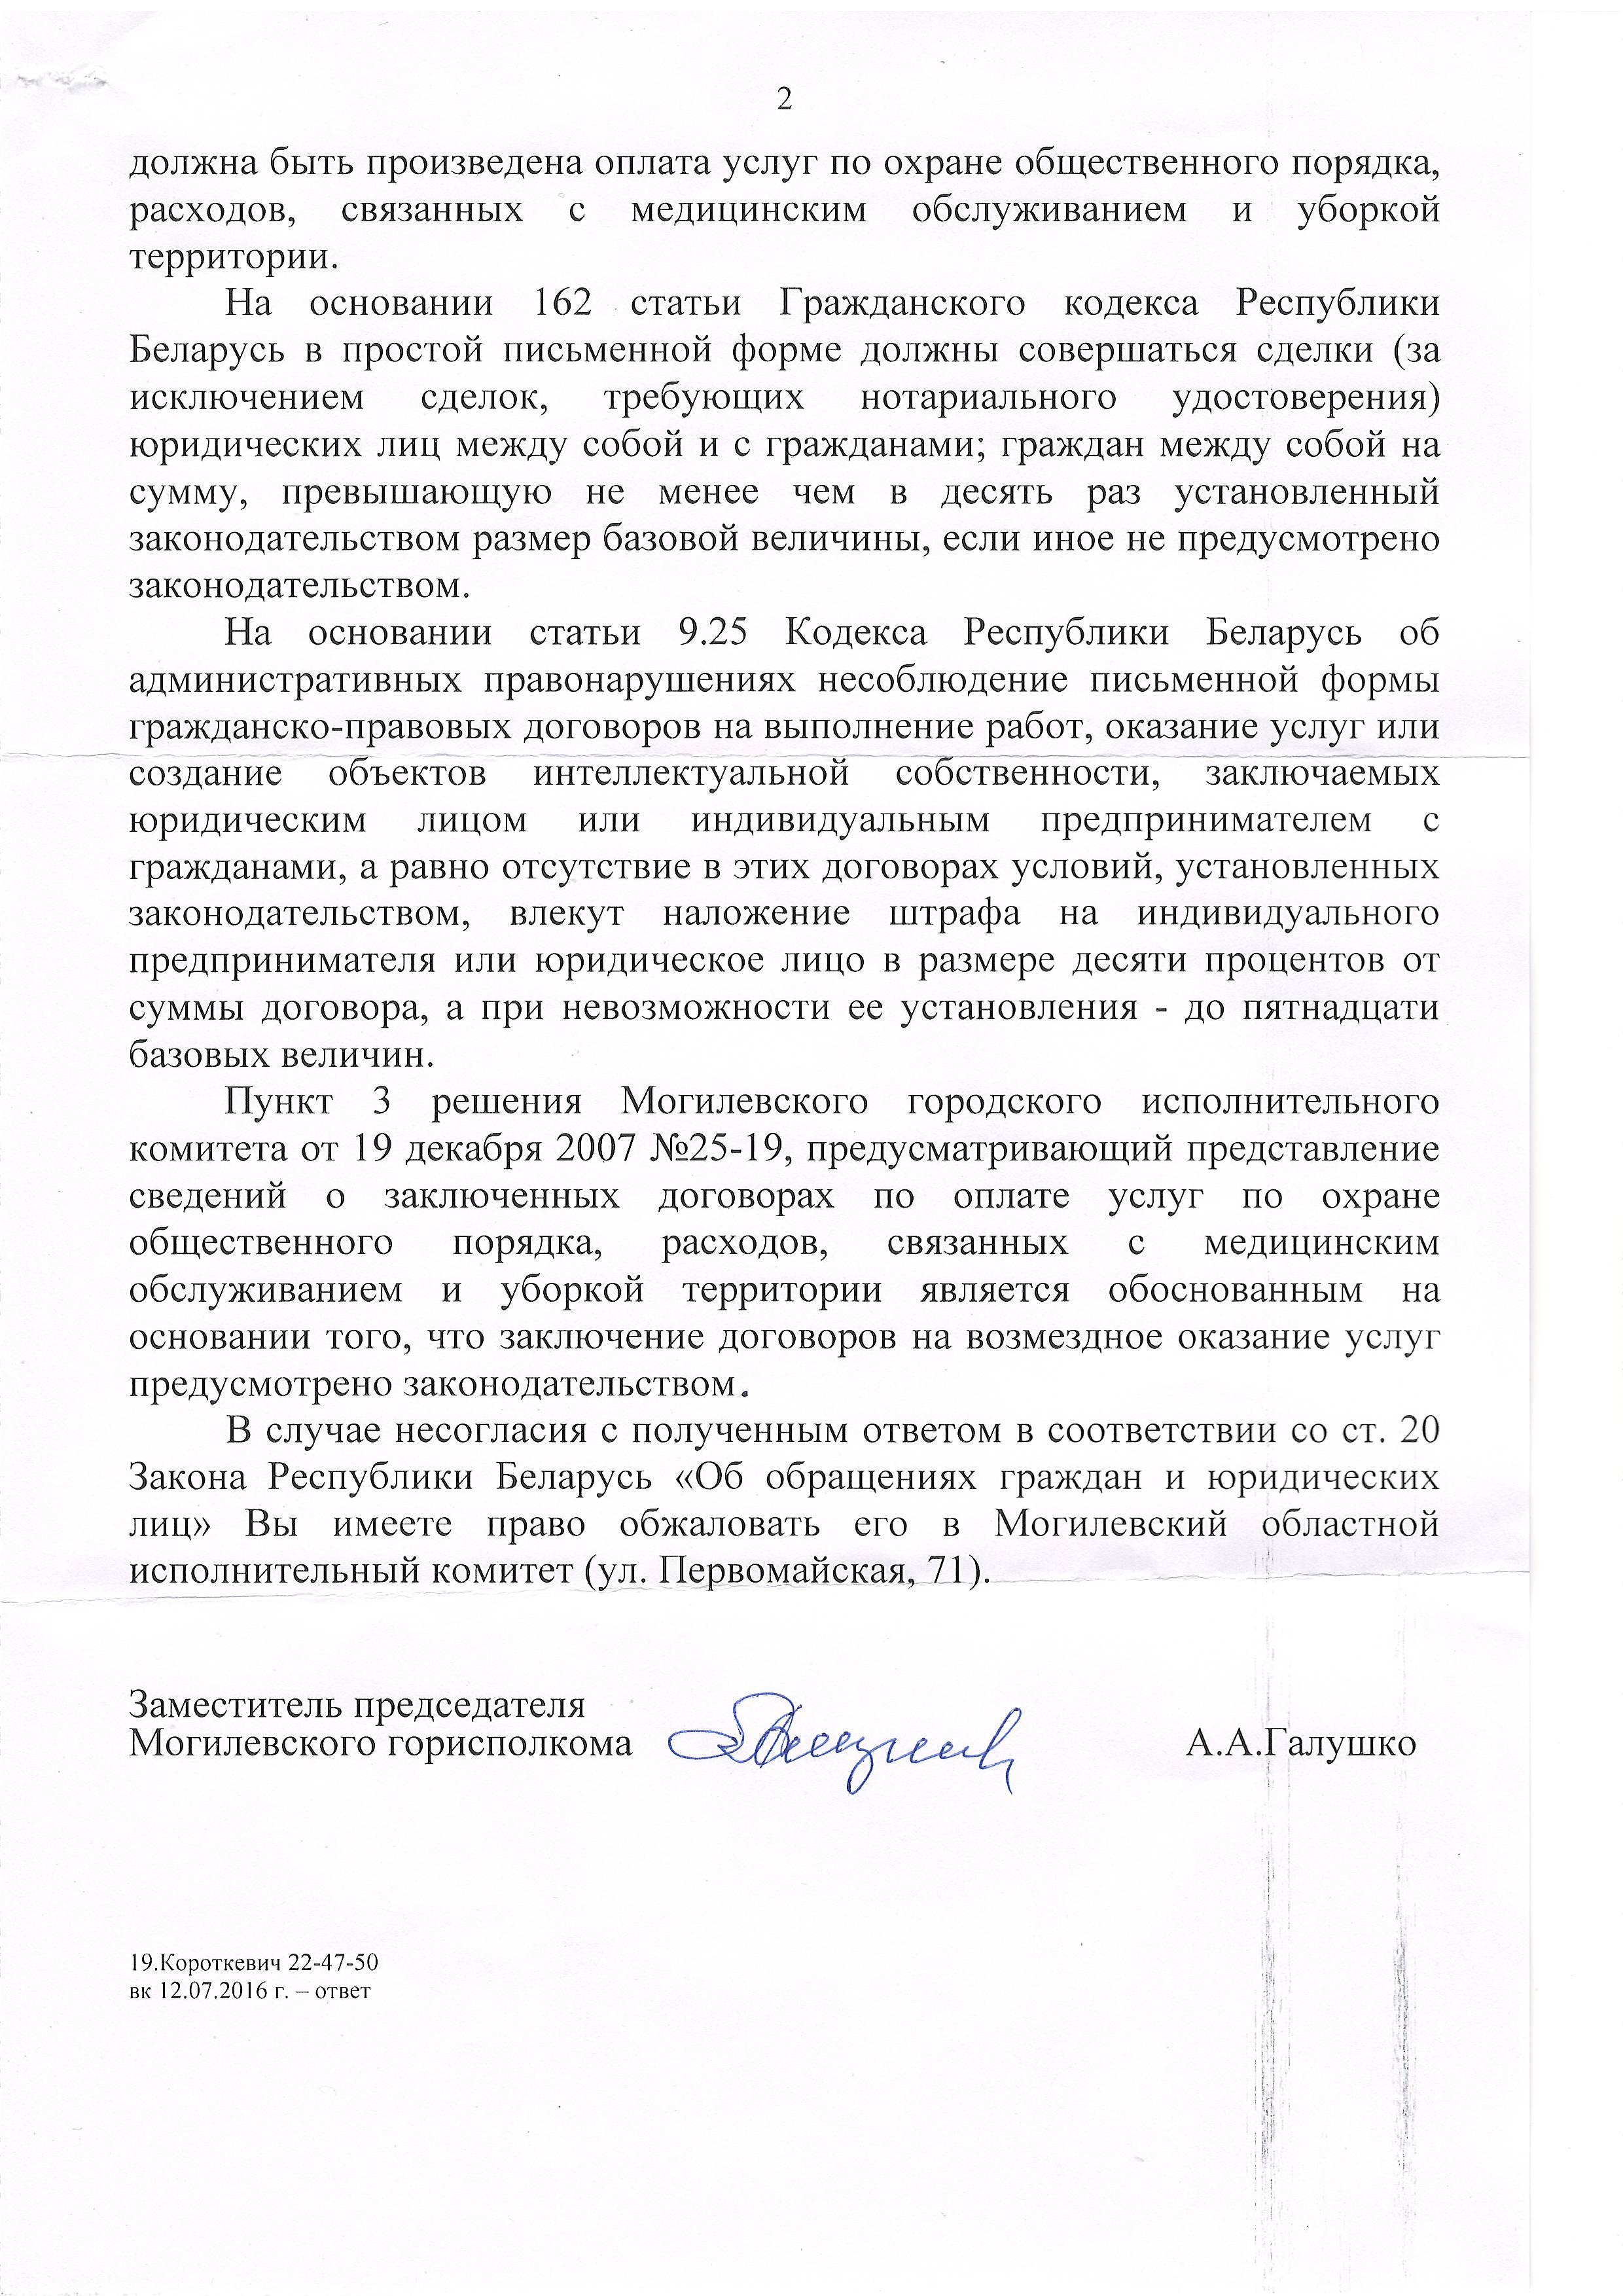 Бухель Колчин - ответ горисполкома 12.07.2016-2